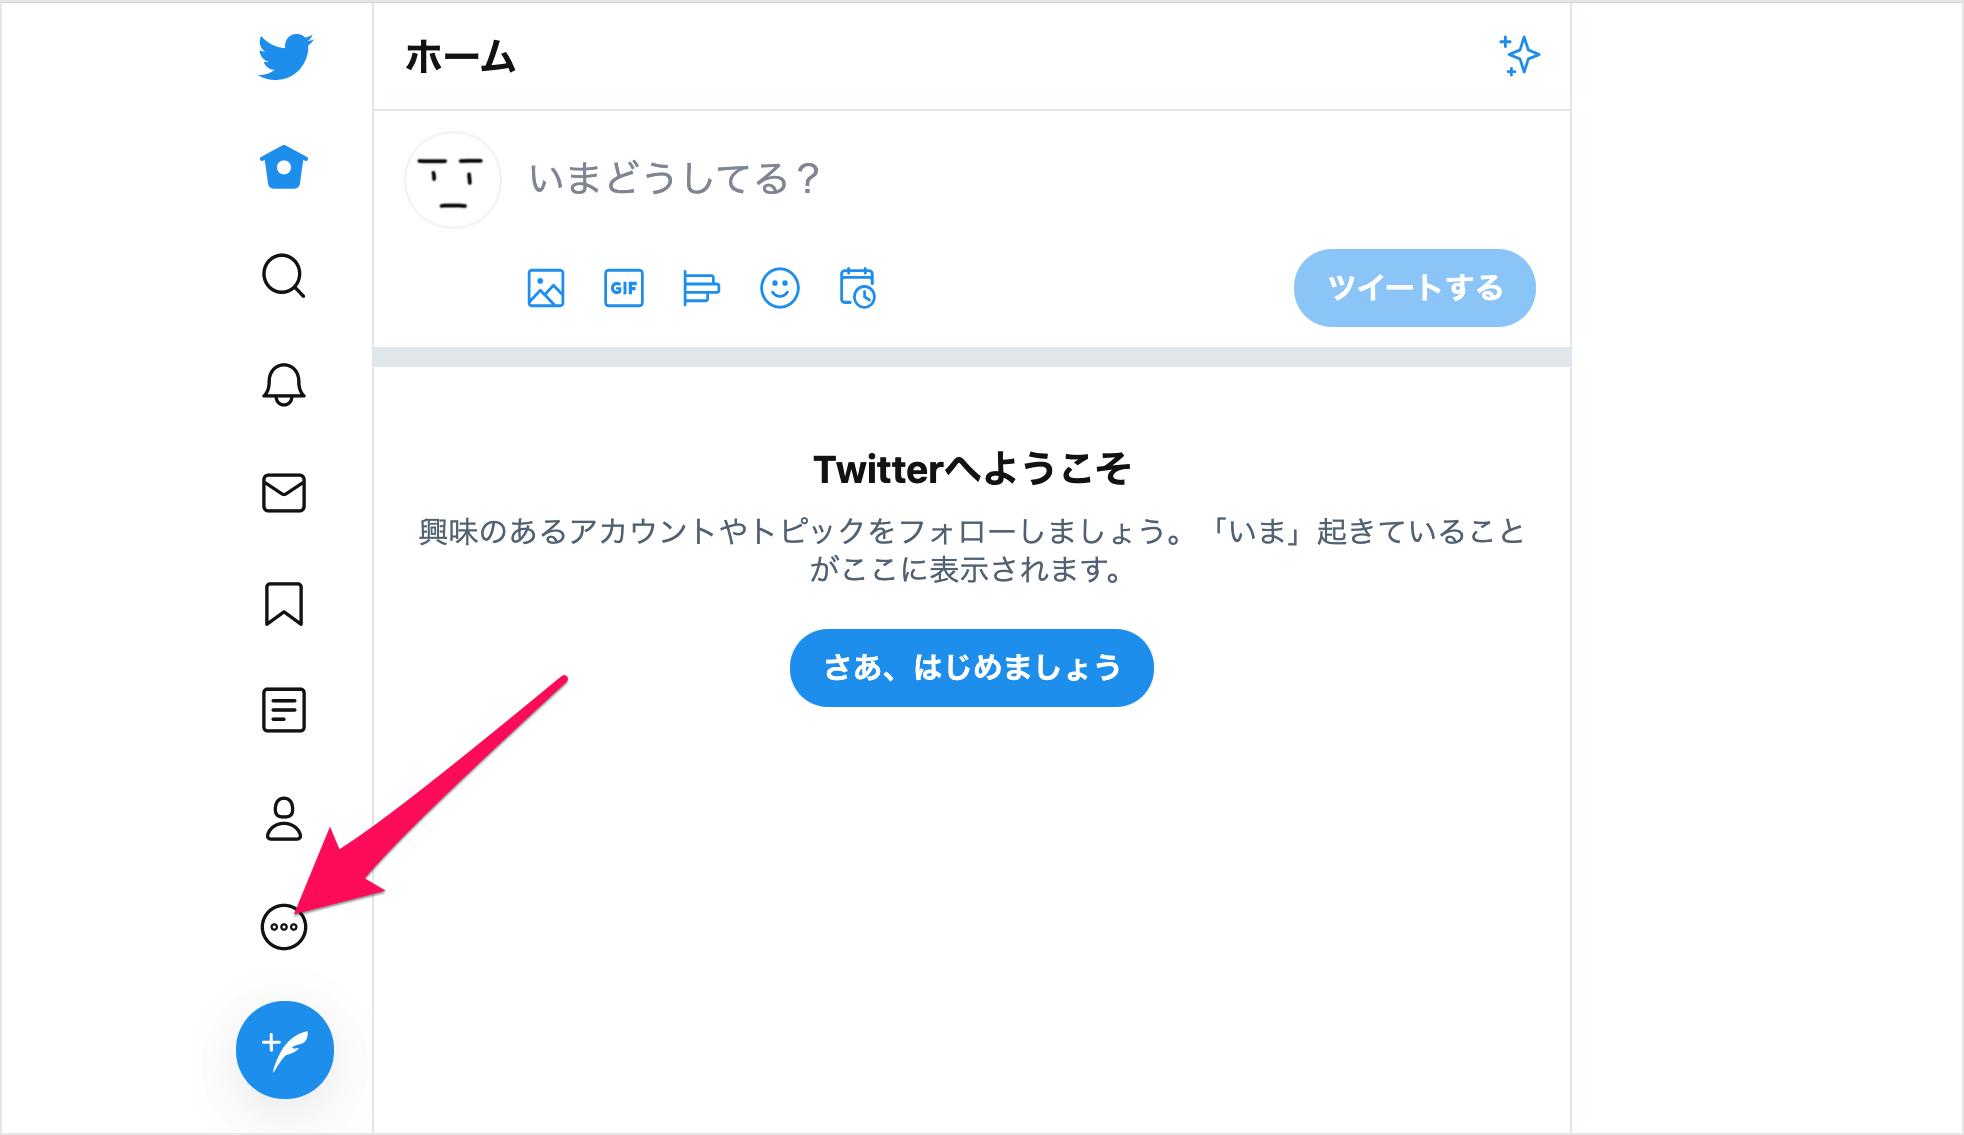 Twitter る ずつ ー